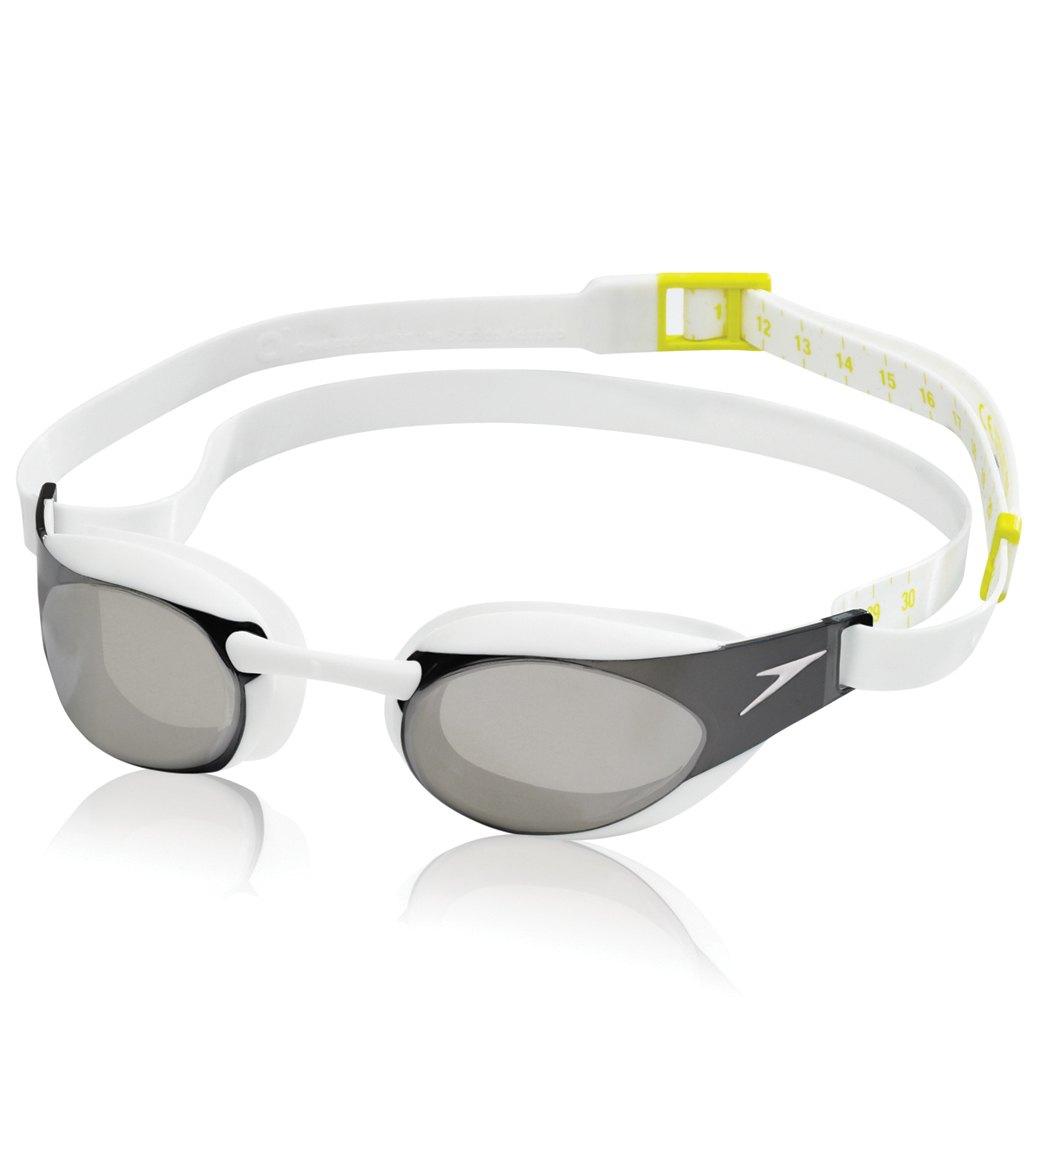 e2727d0f7b2a Speedo FS3 Elite Asia Fit Swim Goggle at SwimOutlet.com - Free ...